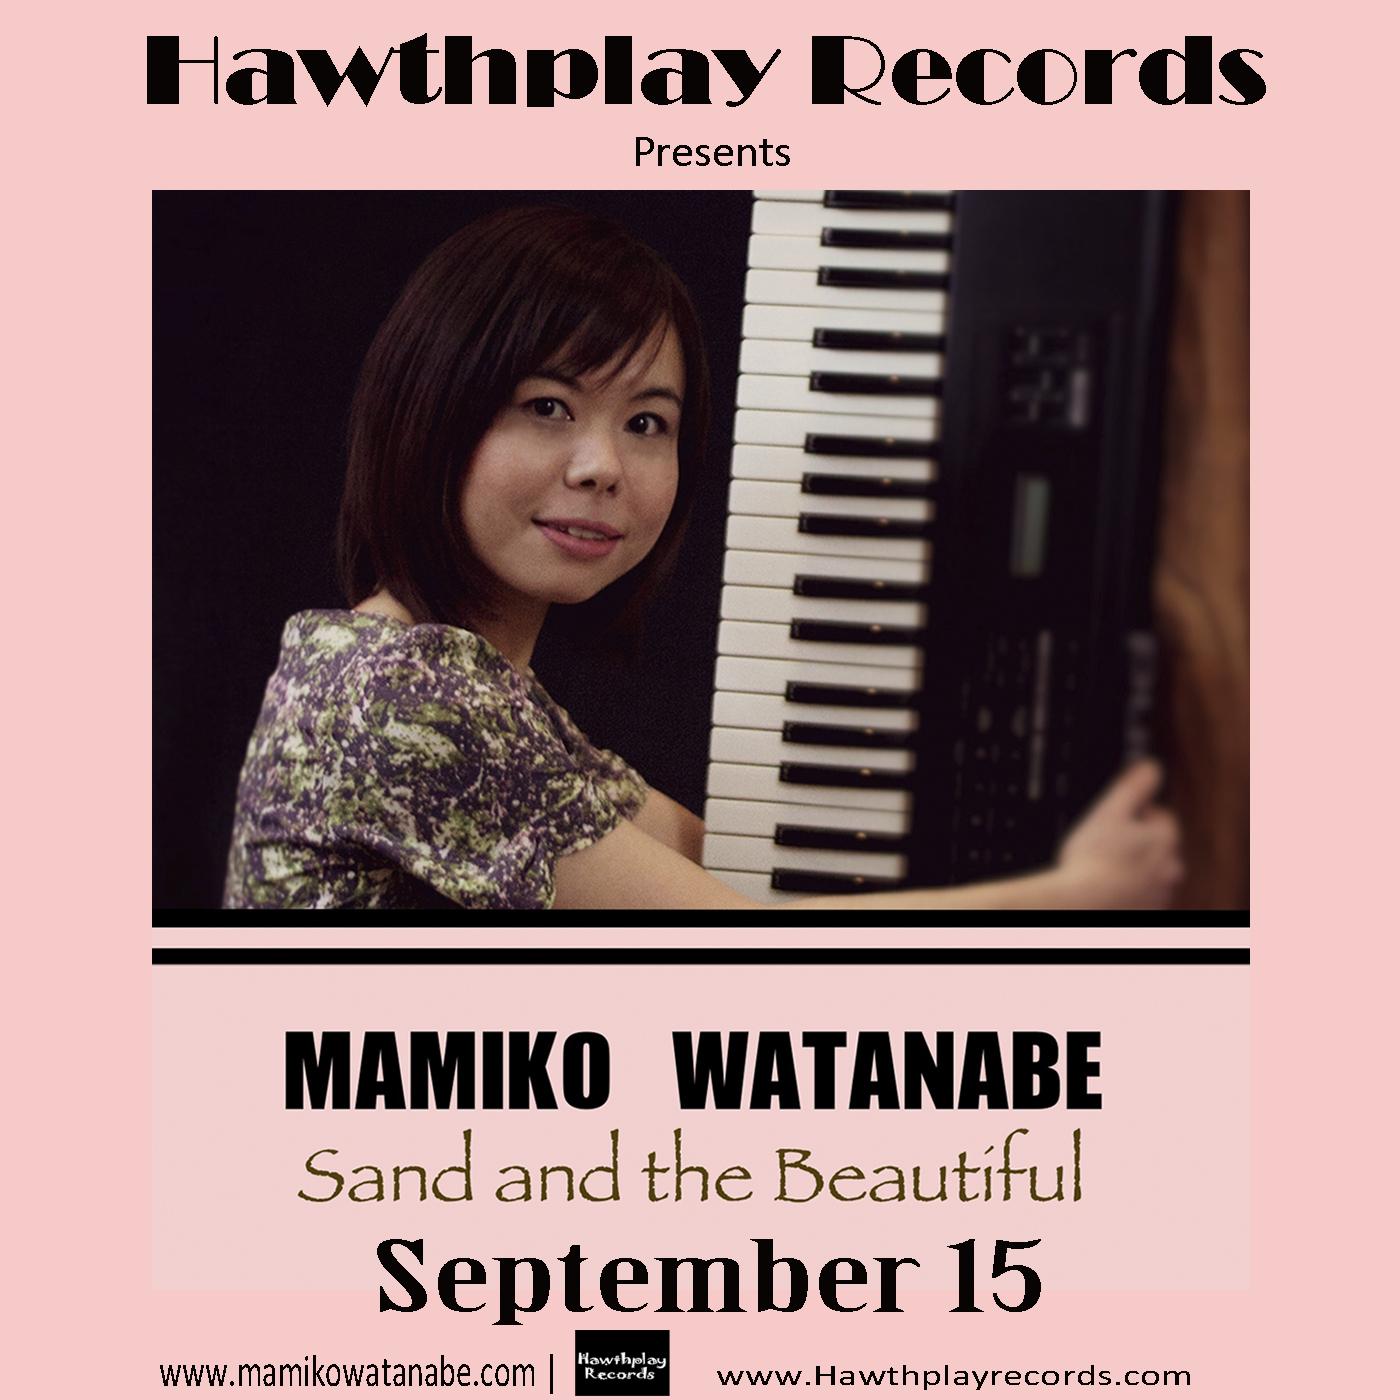 MamikoWatanabe